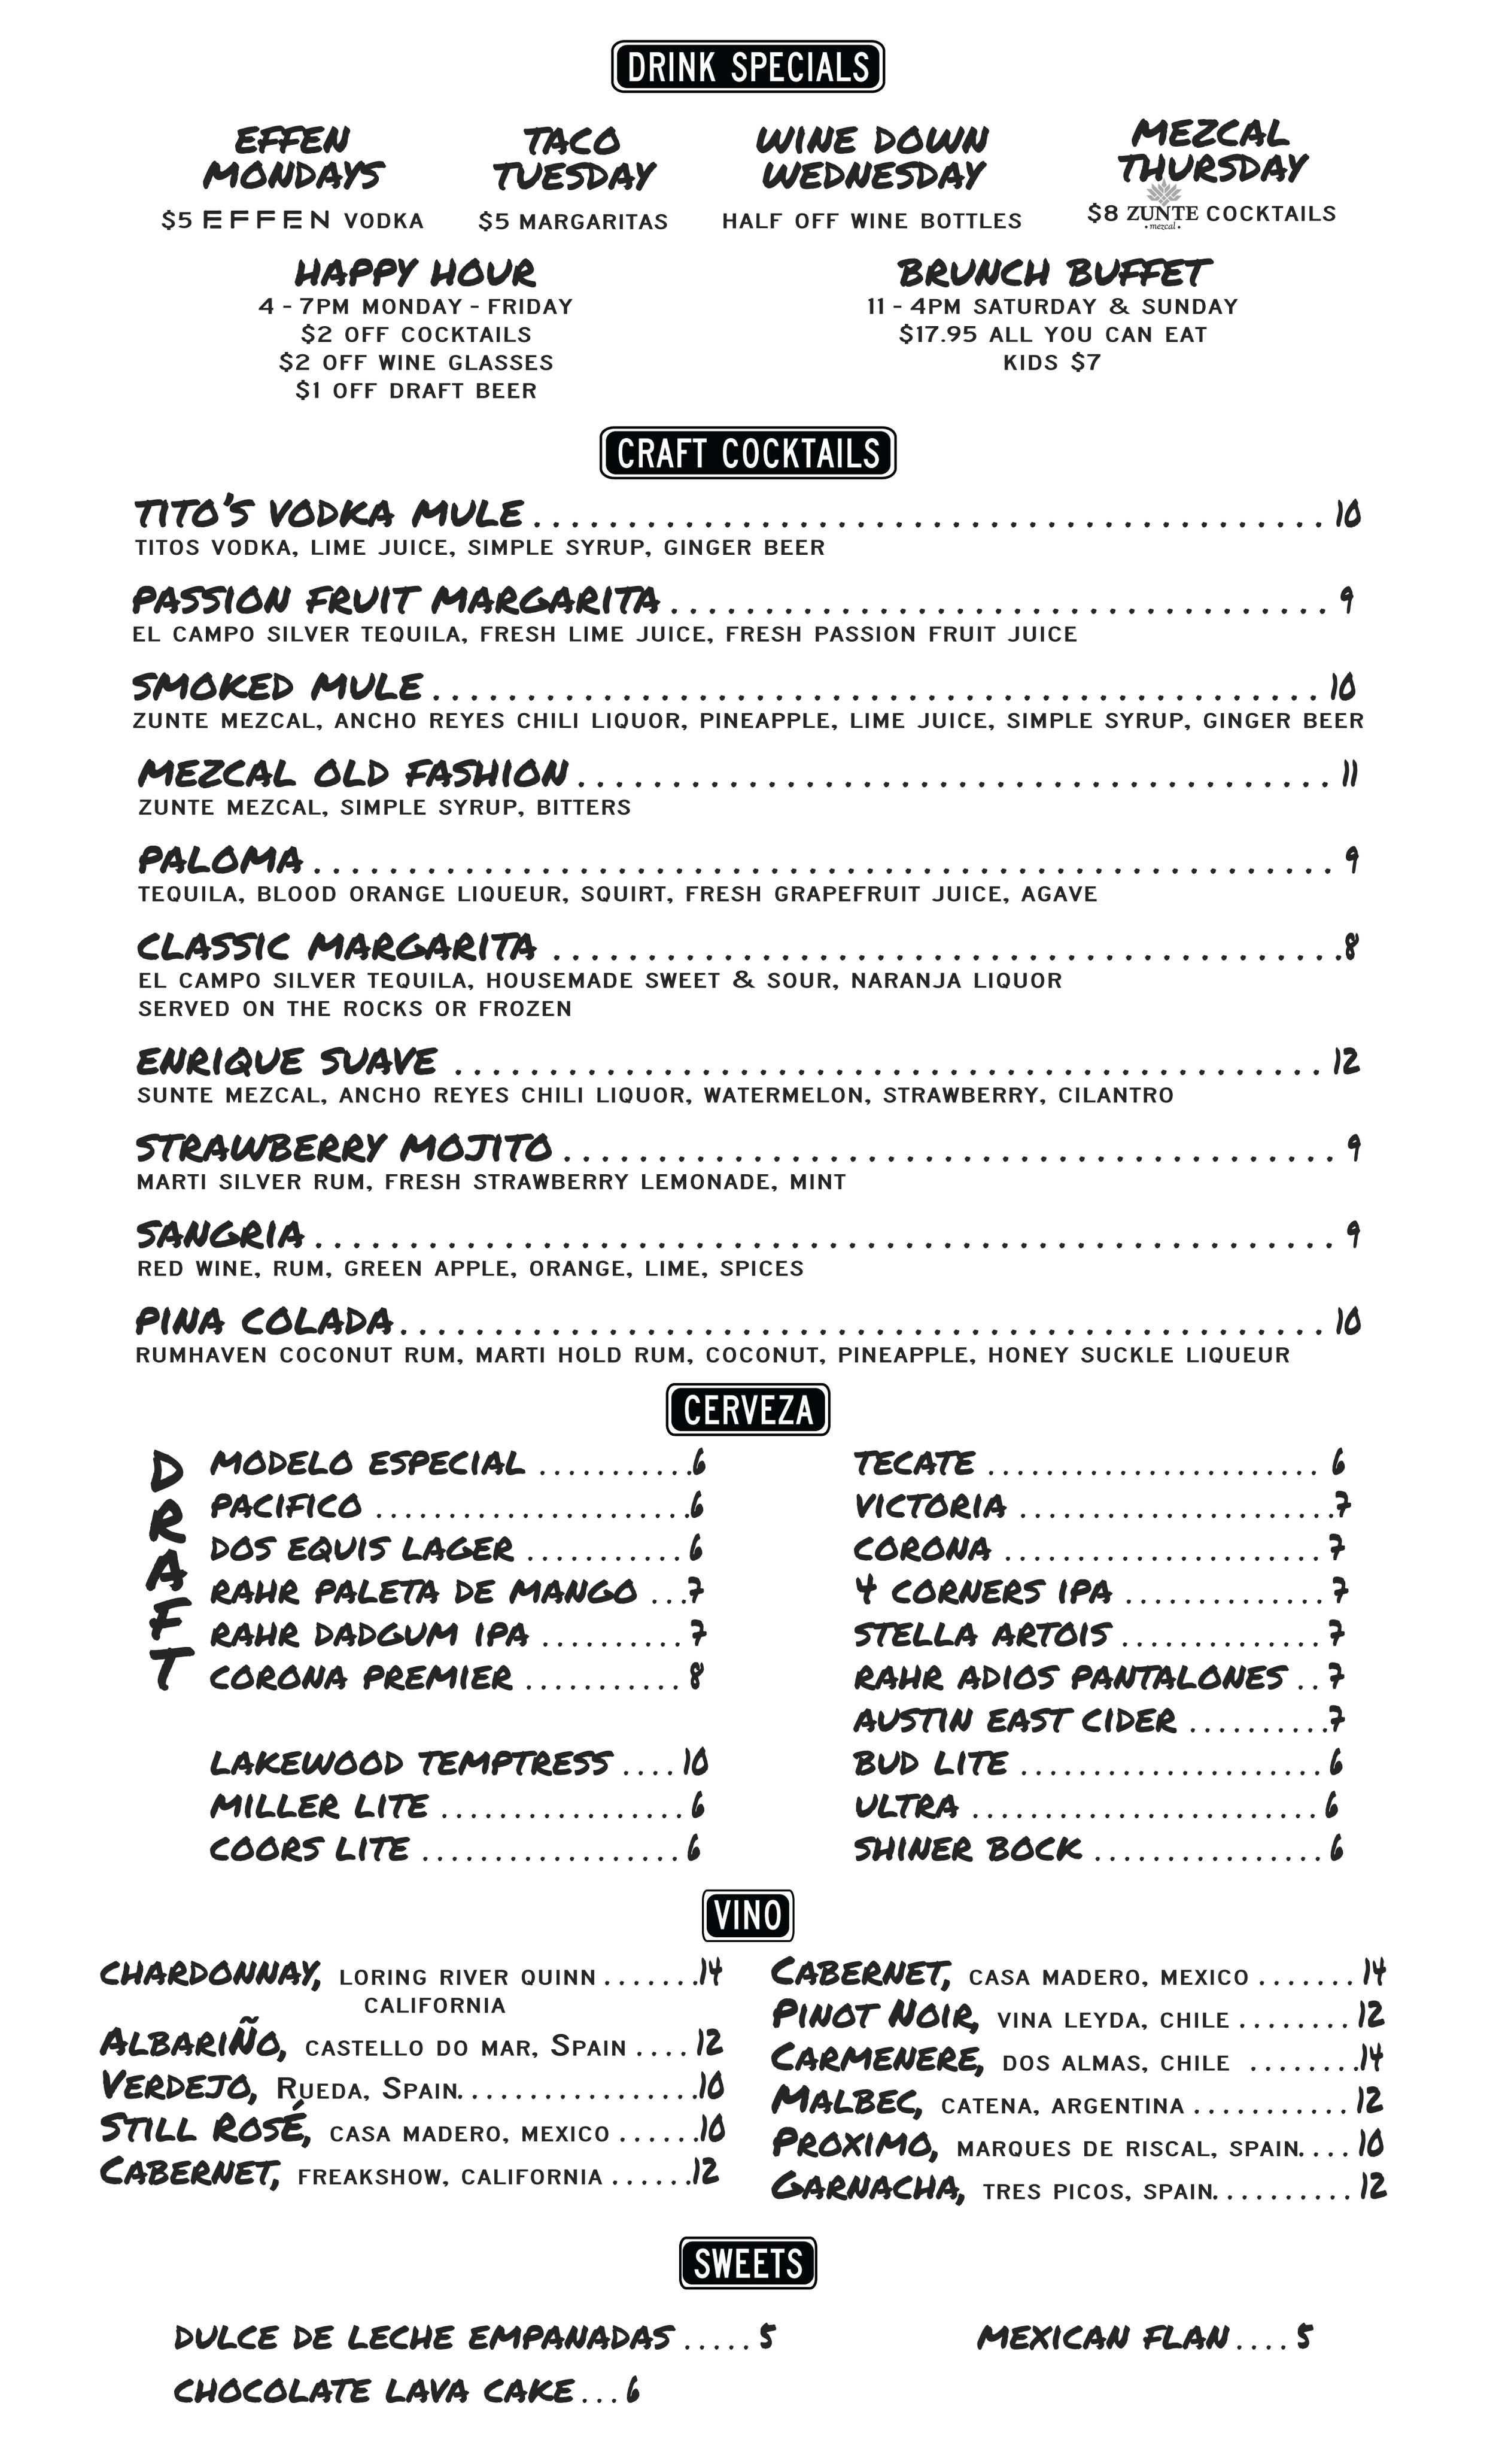 TPatron_Menu_V2 cocktails-04.png